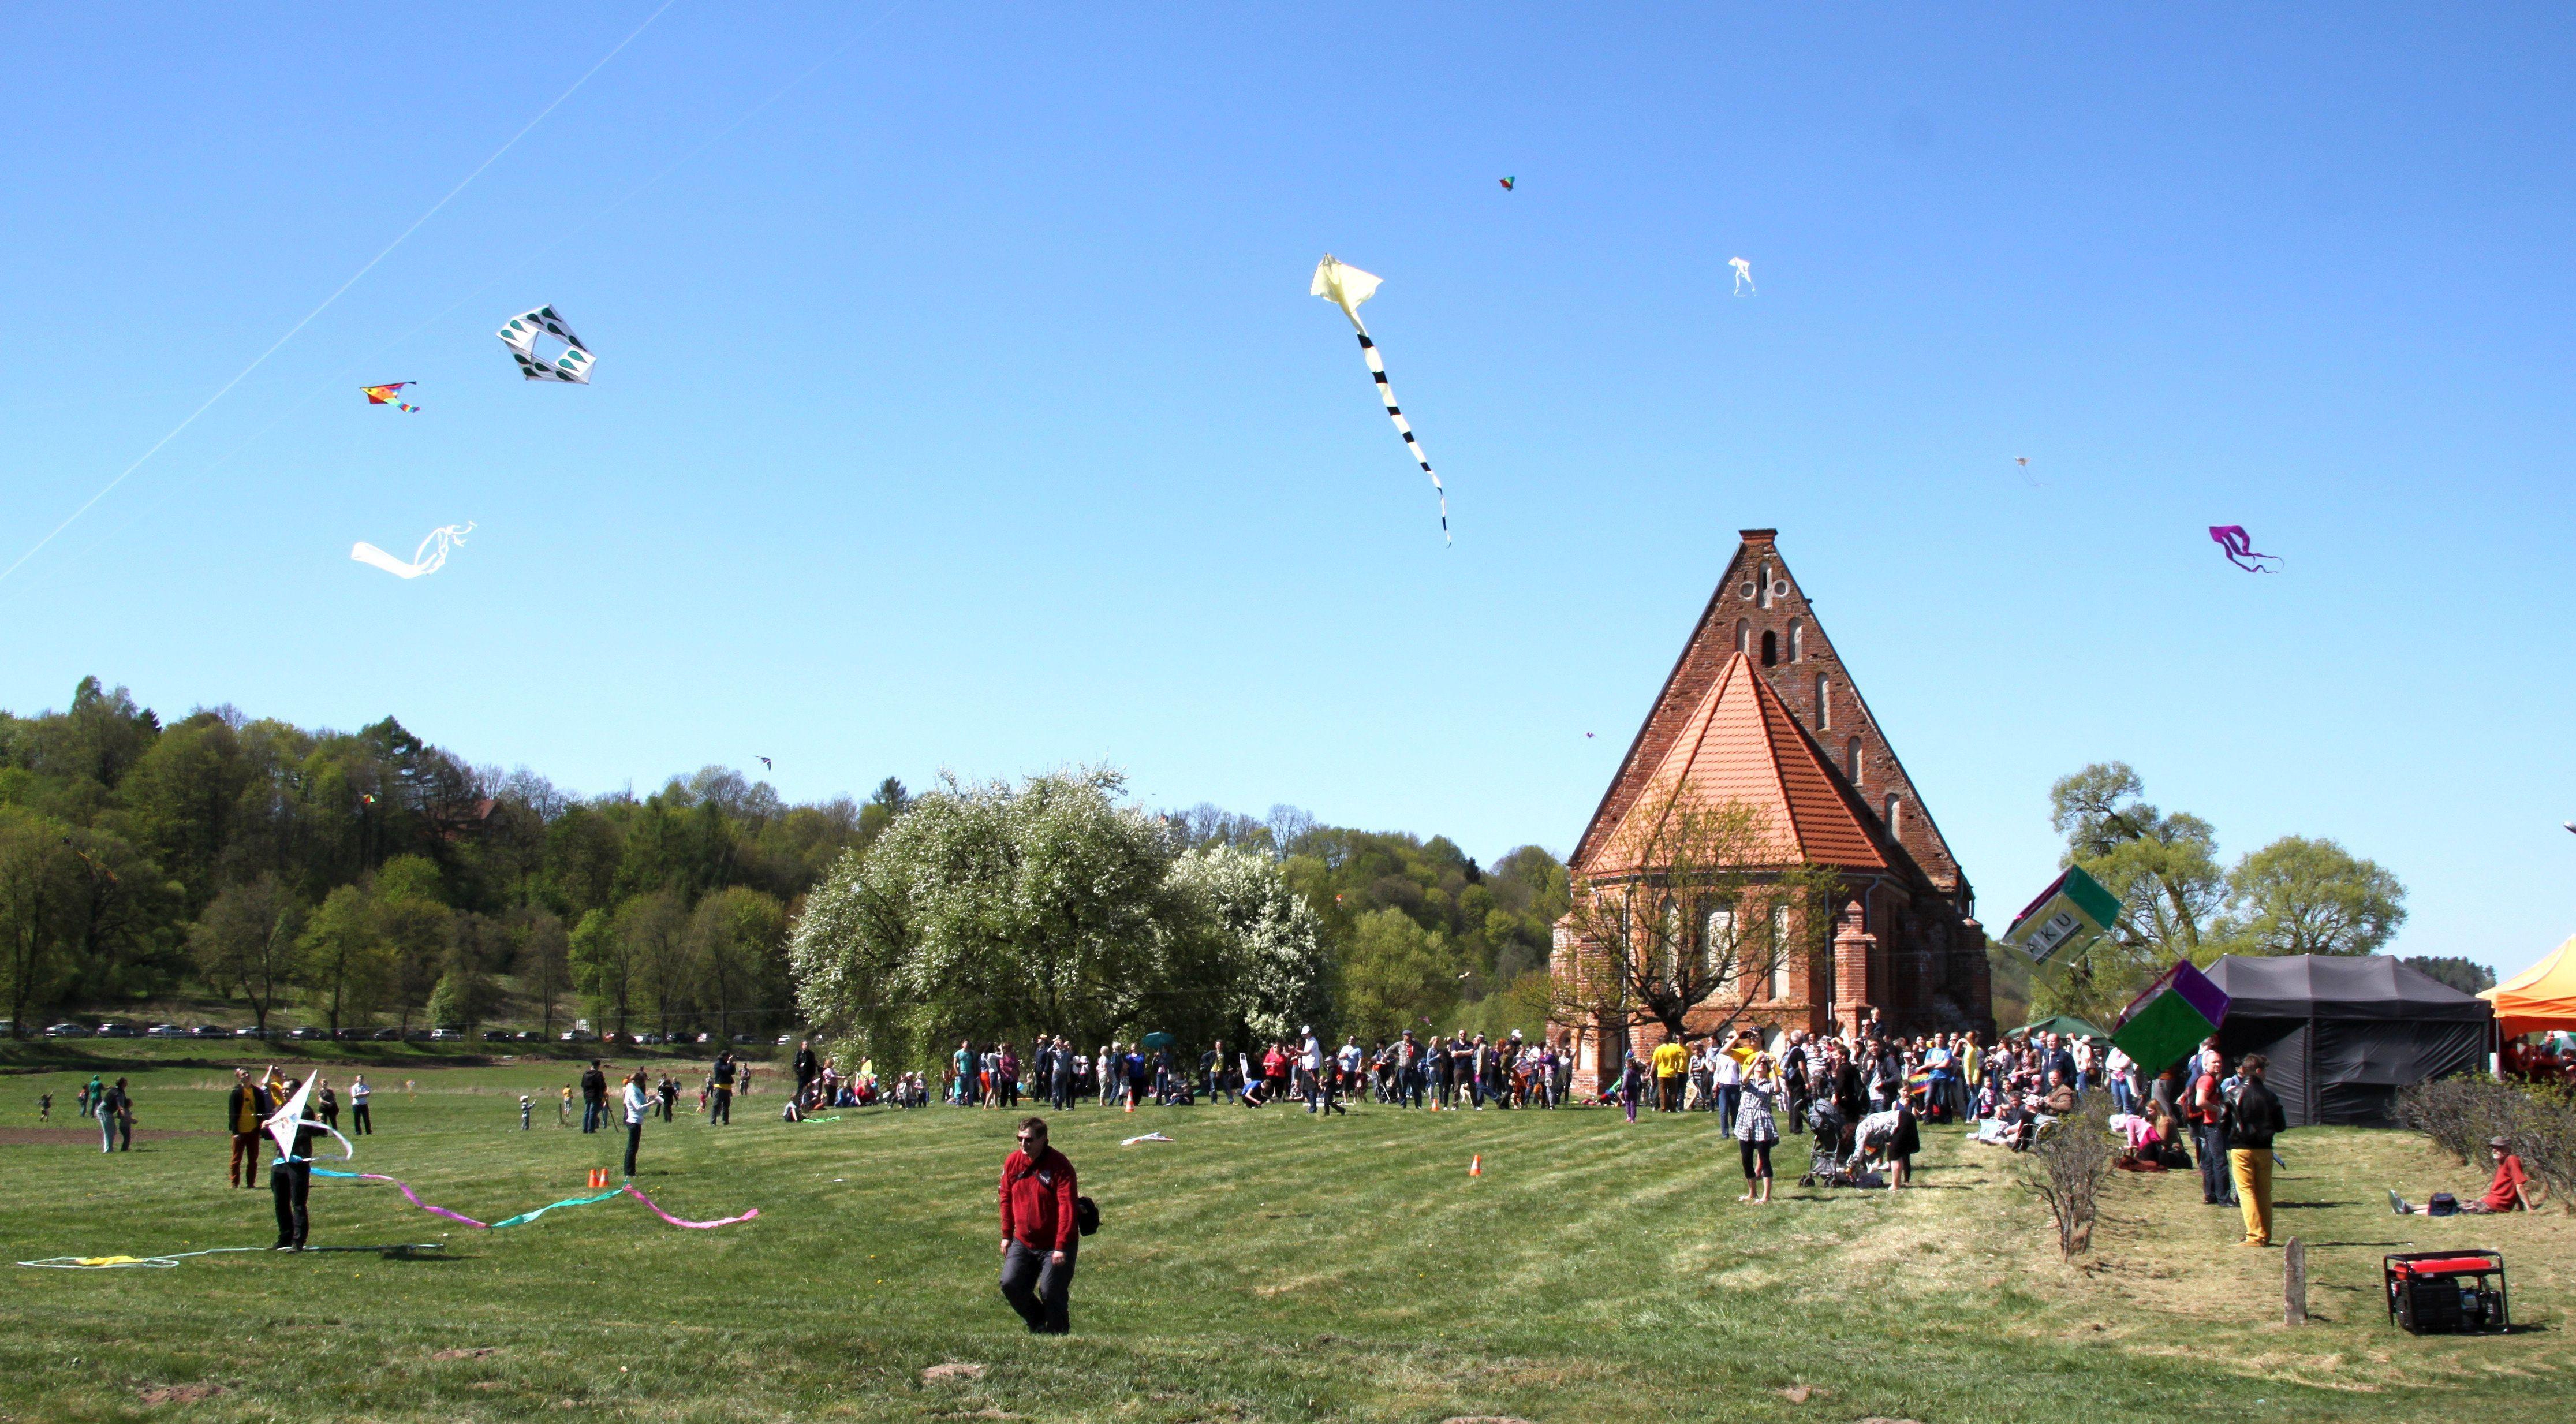 Šalia Zapyškio bažnyčios kiekvieną pavasarį vyksta didžiausias Lietuvoje aitvarų renginys | Ežerėlio kultūros centro nuotr.